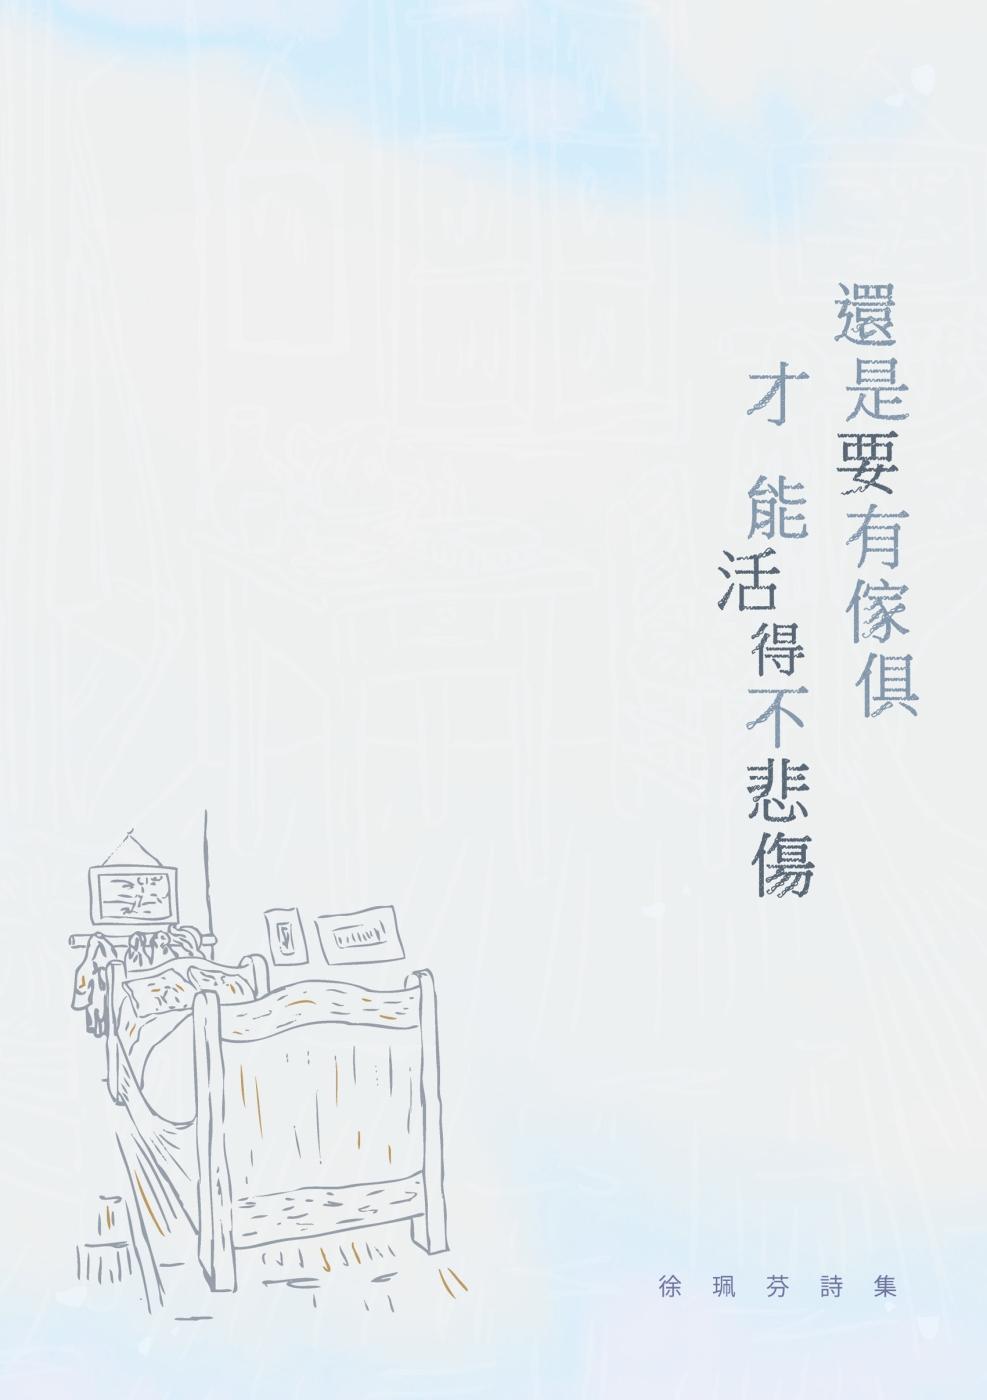 還是要有傢俱才能活得不悲傷:徐珮芬詩集